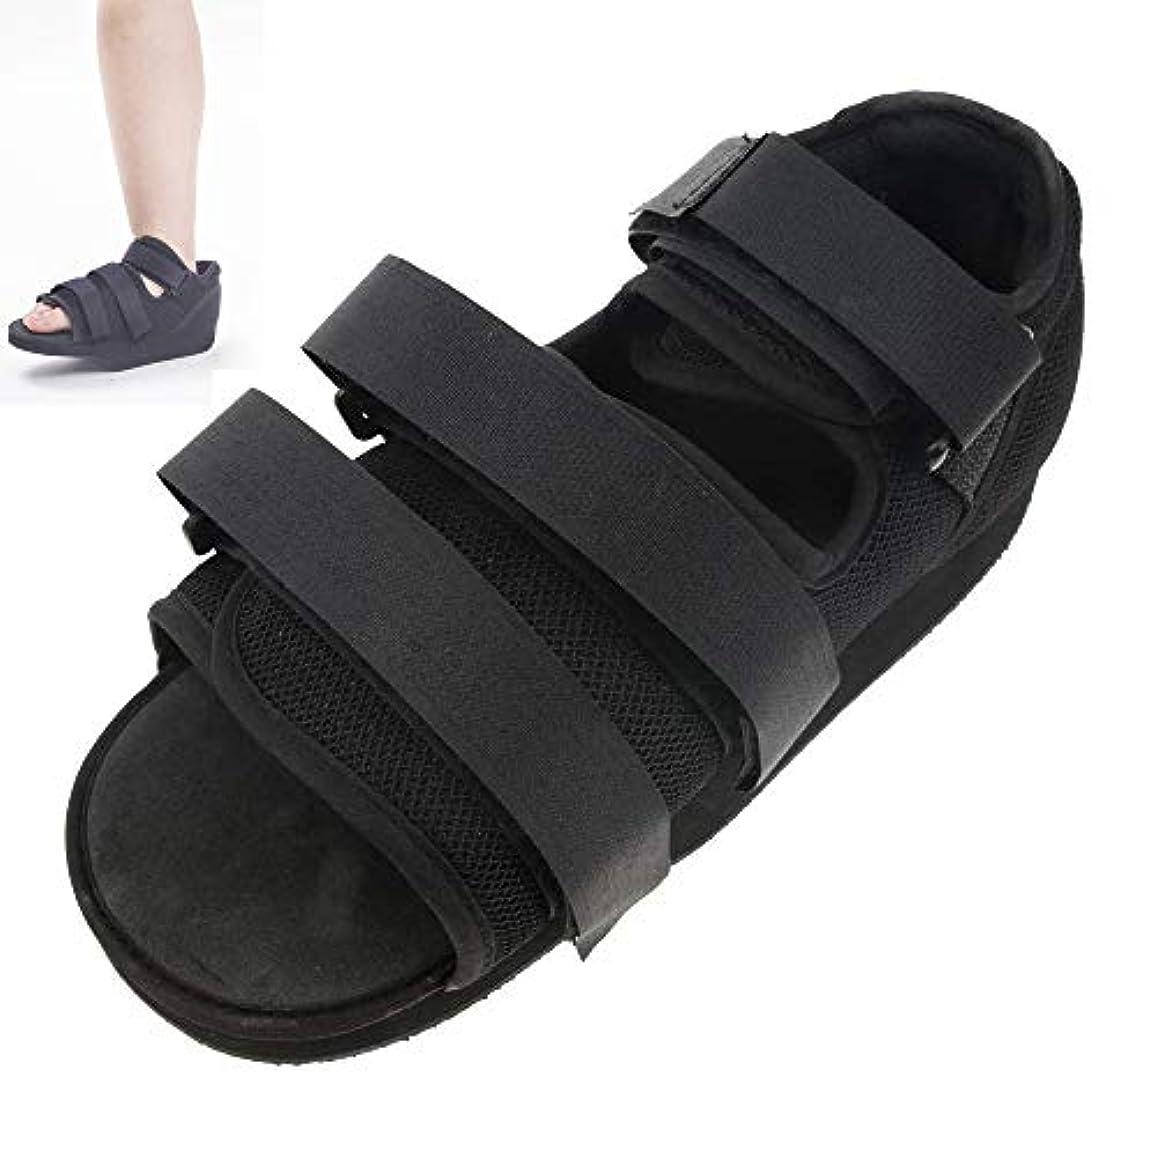 ひねくれた鬼ごっこサドル骨折回復のための術後の丸いつま先の靴-男性と女性のための壊れた足またはつま先のための調整可能な医療/外科ウォーキングキャストブーツ,L